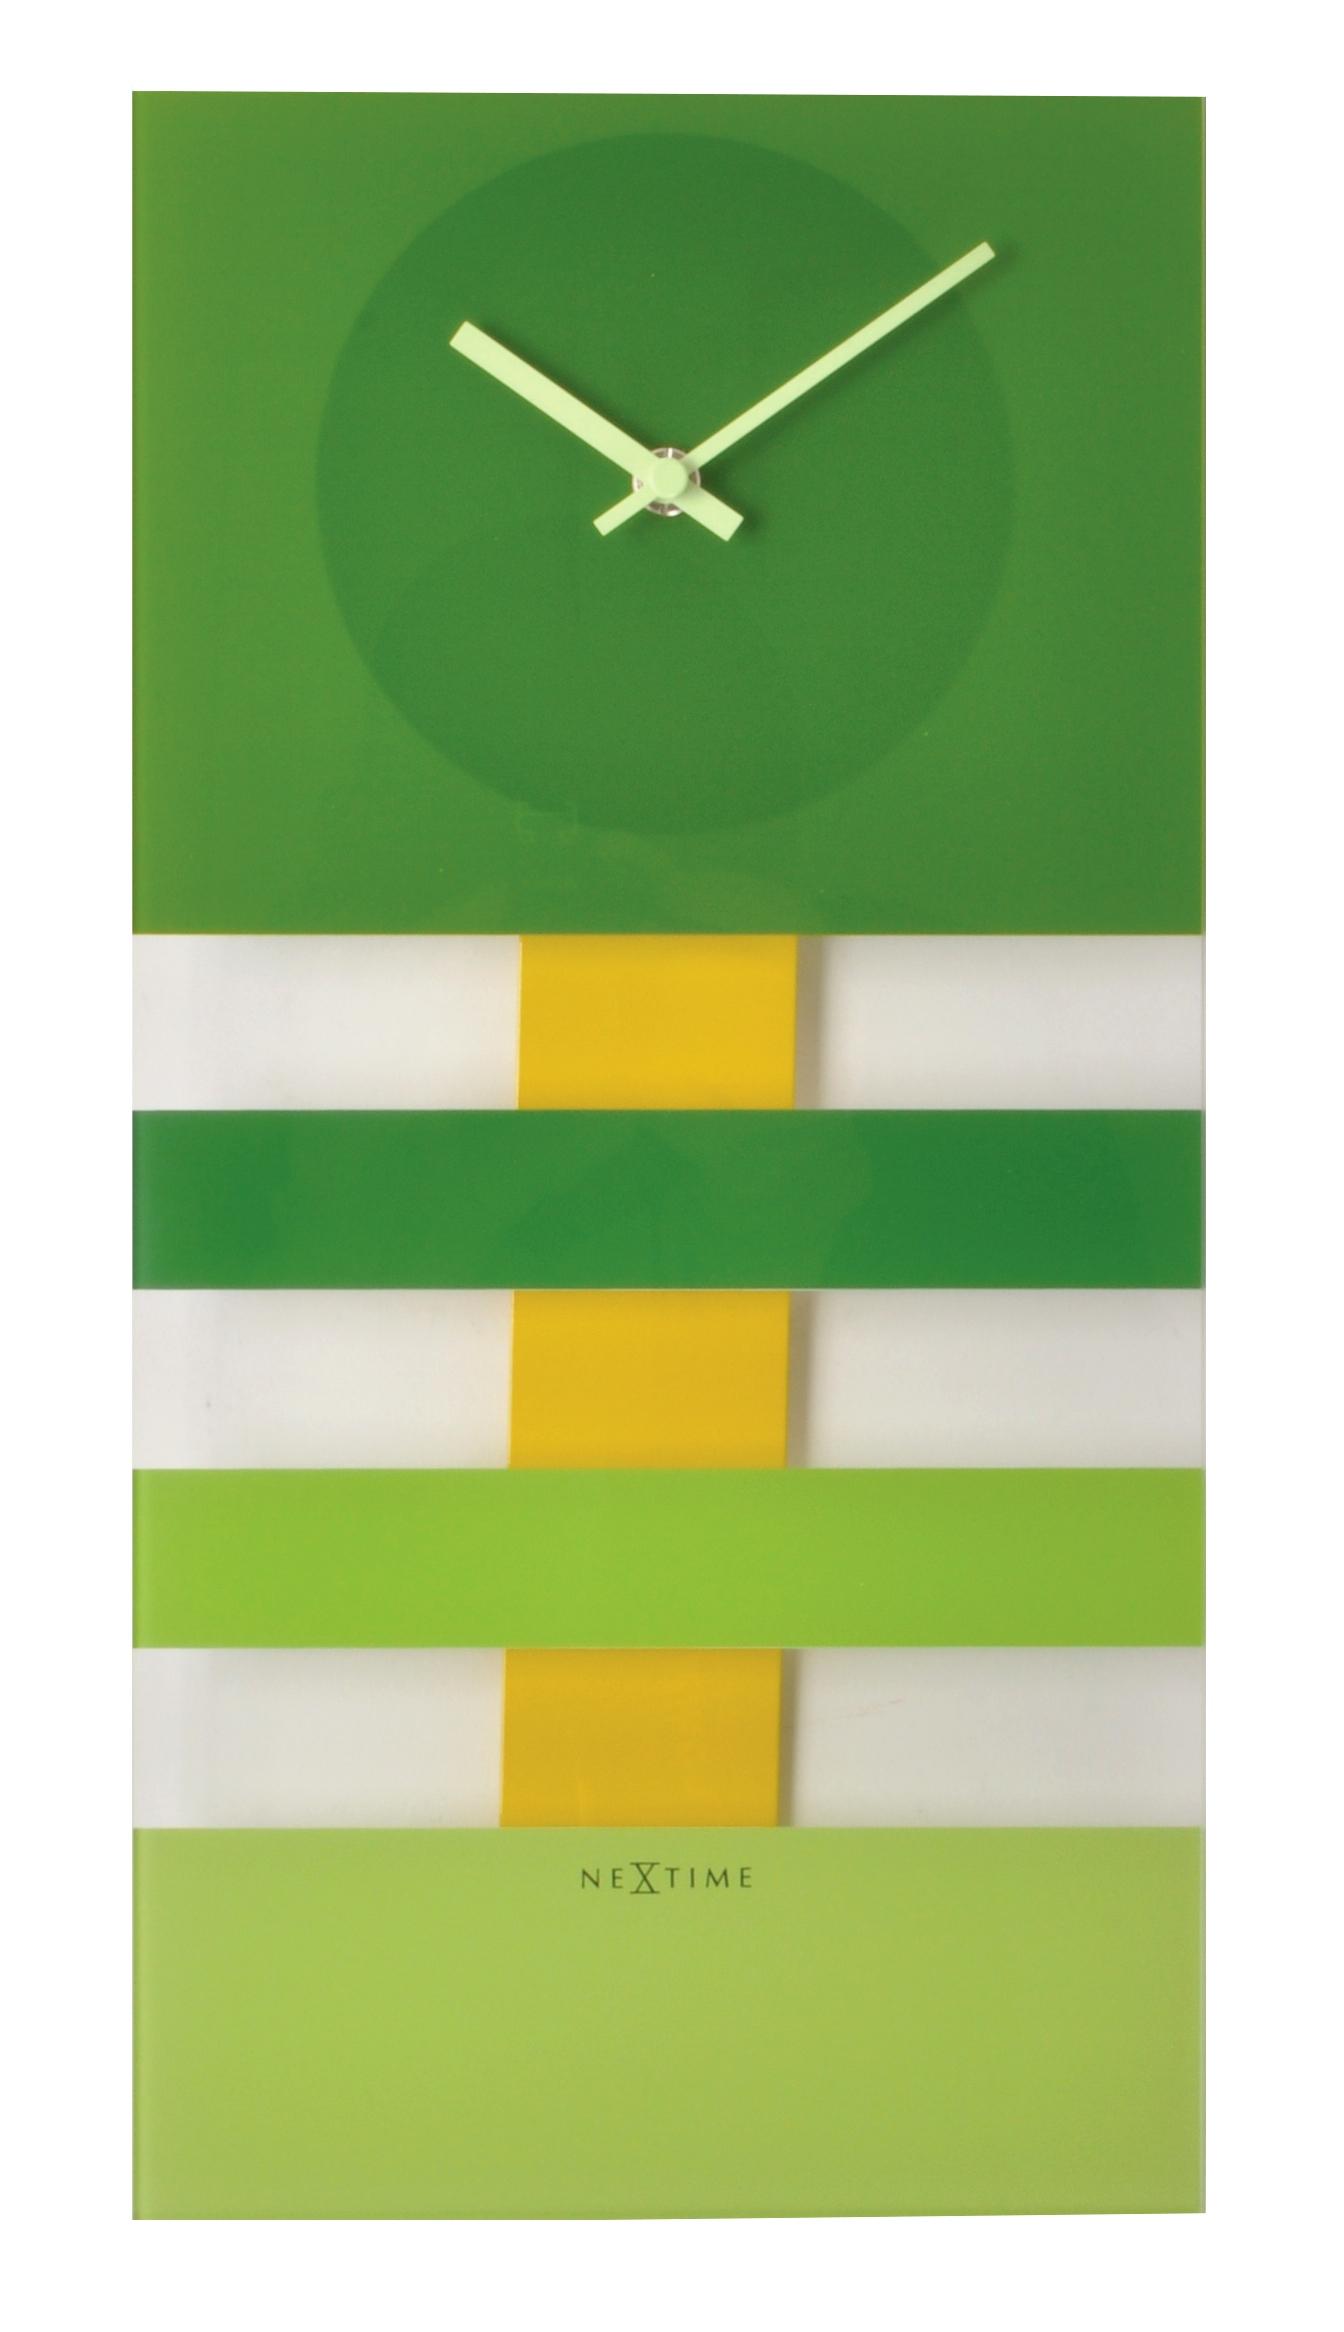 Nástěnné hodiny BOLD STRIPES 19 x 38 cm zelené - NEXTIME